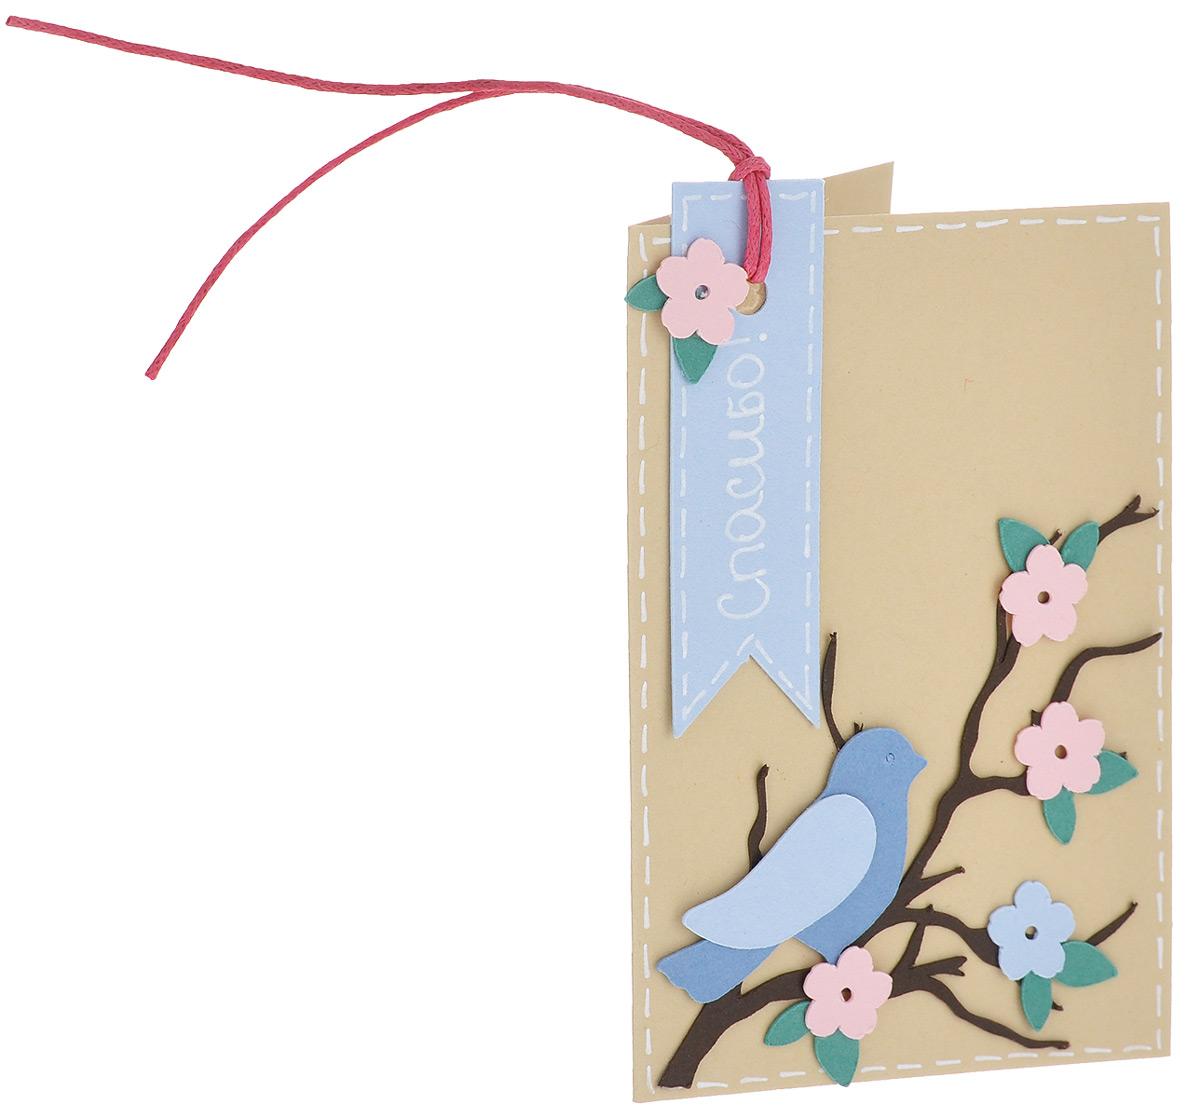 Открытка ручной работы букетная Спасибо, с конвертом. Автор Татьяна Саранчукова.D-011D-011Открытка ручной работы Спасибо станет необычным и ярким дополнением к подарку. Она выполнена из дизайнерской плотной бумаги и оформлена очаровательной птицей, сидящей на цветущей ветке и надписью благодарности. Дополнена открытка вощенным шнуром. Внутри открытка не содержит текста, что позволит вам самостоятельно написать самые теплые и искренние слова. Открытка непременно порадует получателя и станет отличным напоминанием о проведенном вместе времени. В комплект входит белый конверт. Открытка упакована в пакет для сохранности. Размер открытки: 10 см х 7 см. Размер конверта: 11 см х 7,5 см.